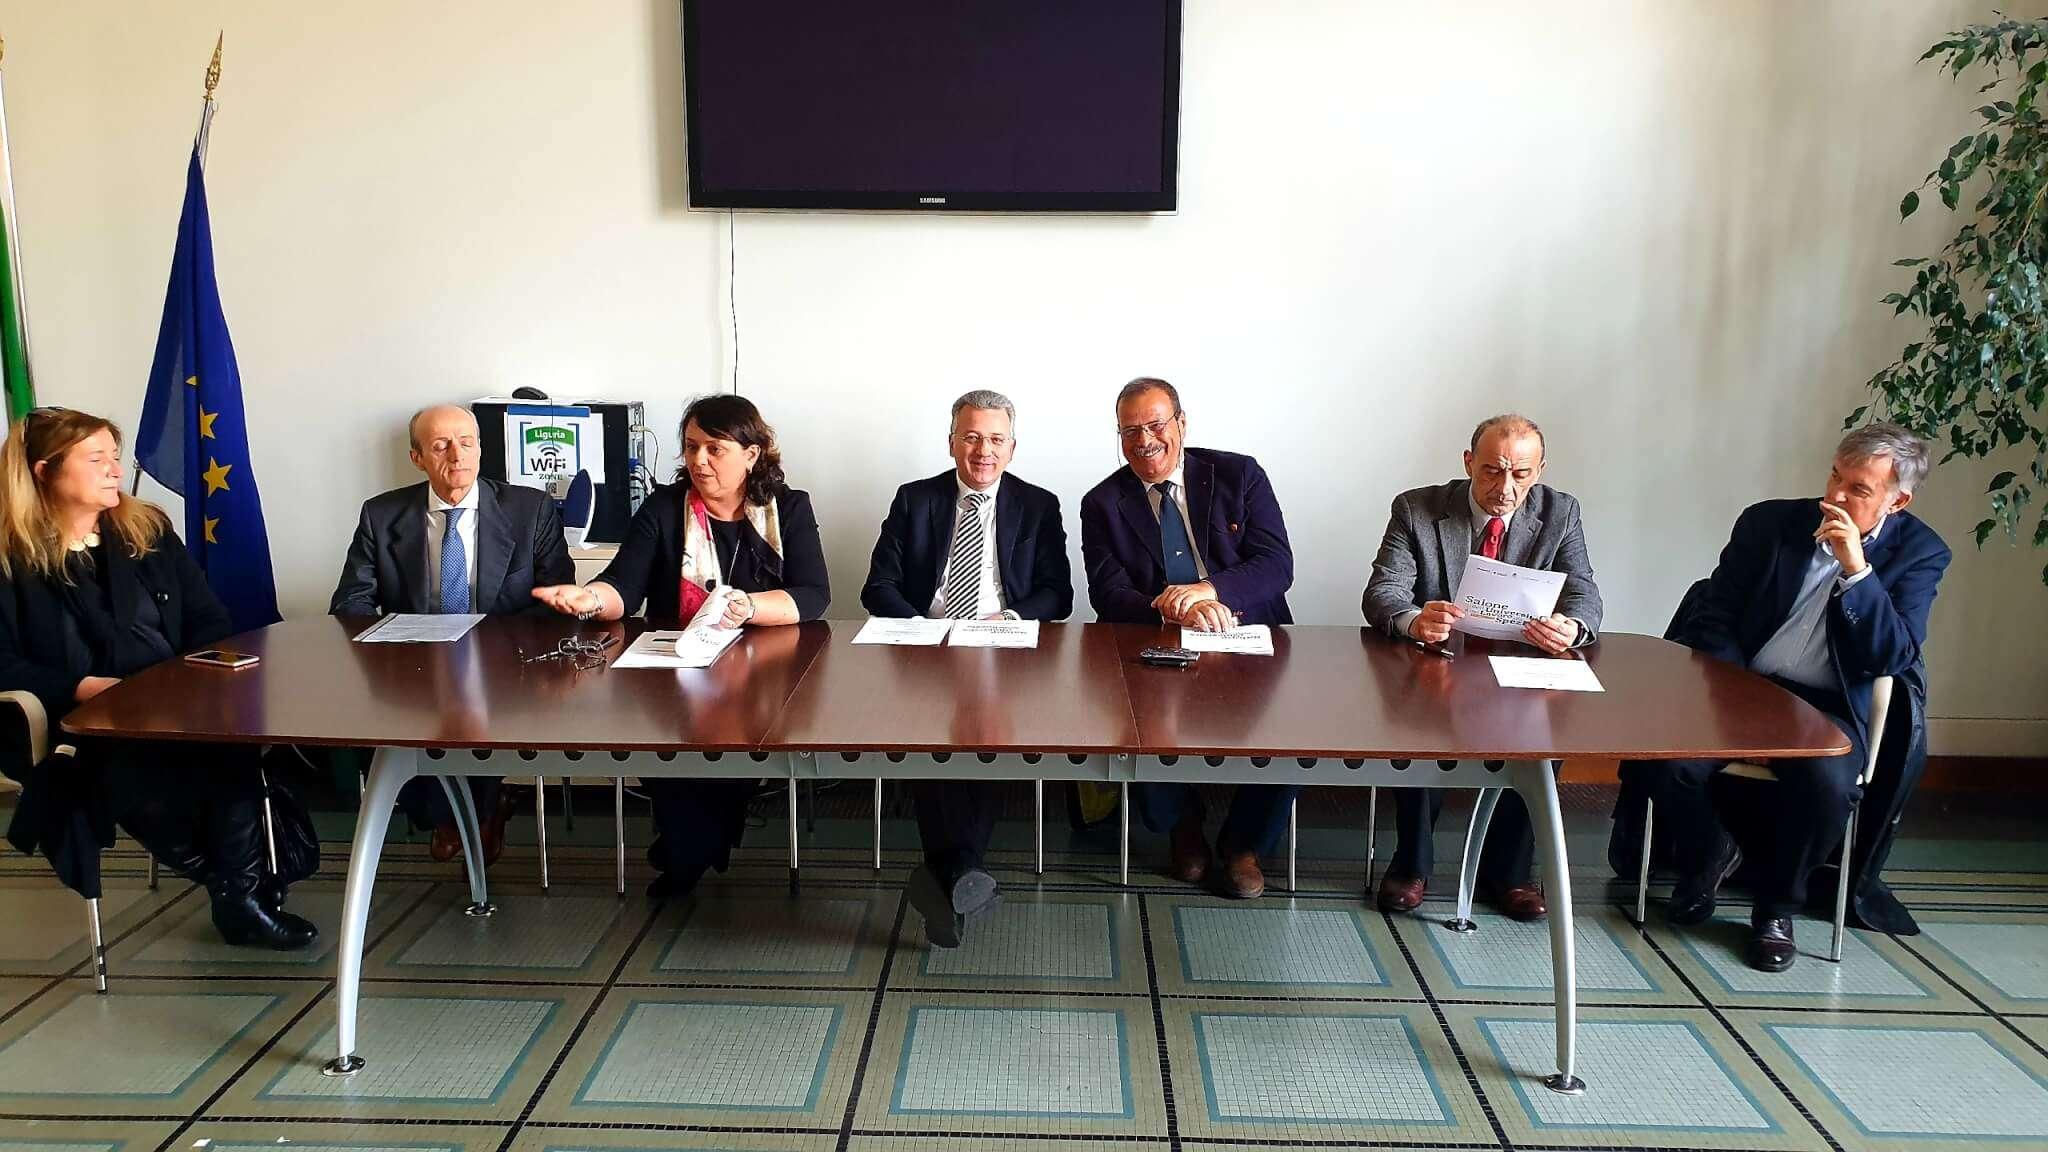 Calendario Raccolta Differenziata La Spezia 2020.La Spezia Al Via Il Primo Salone Dell Universita E Del